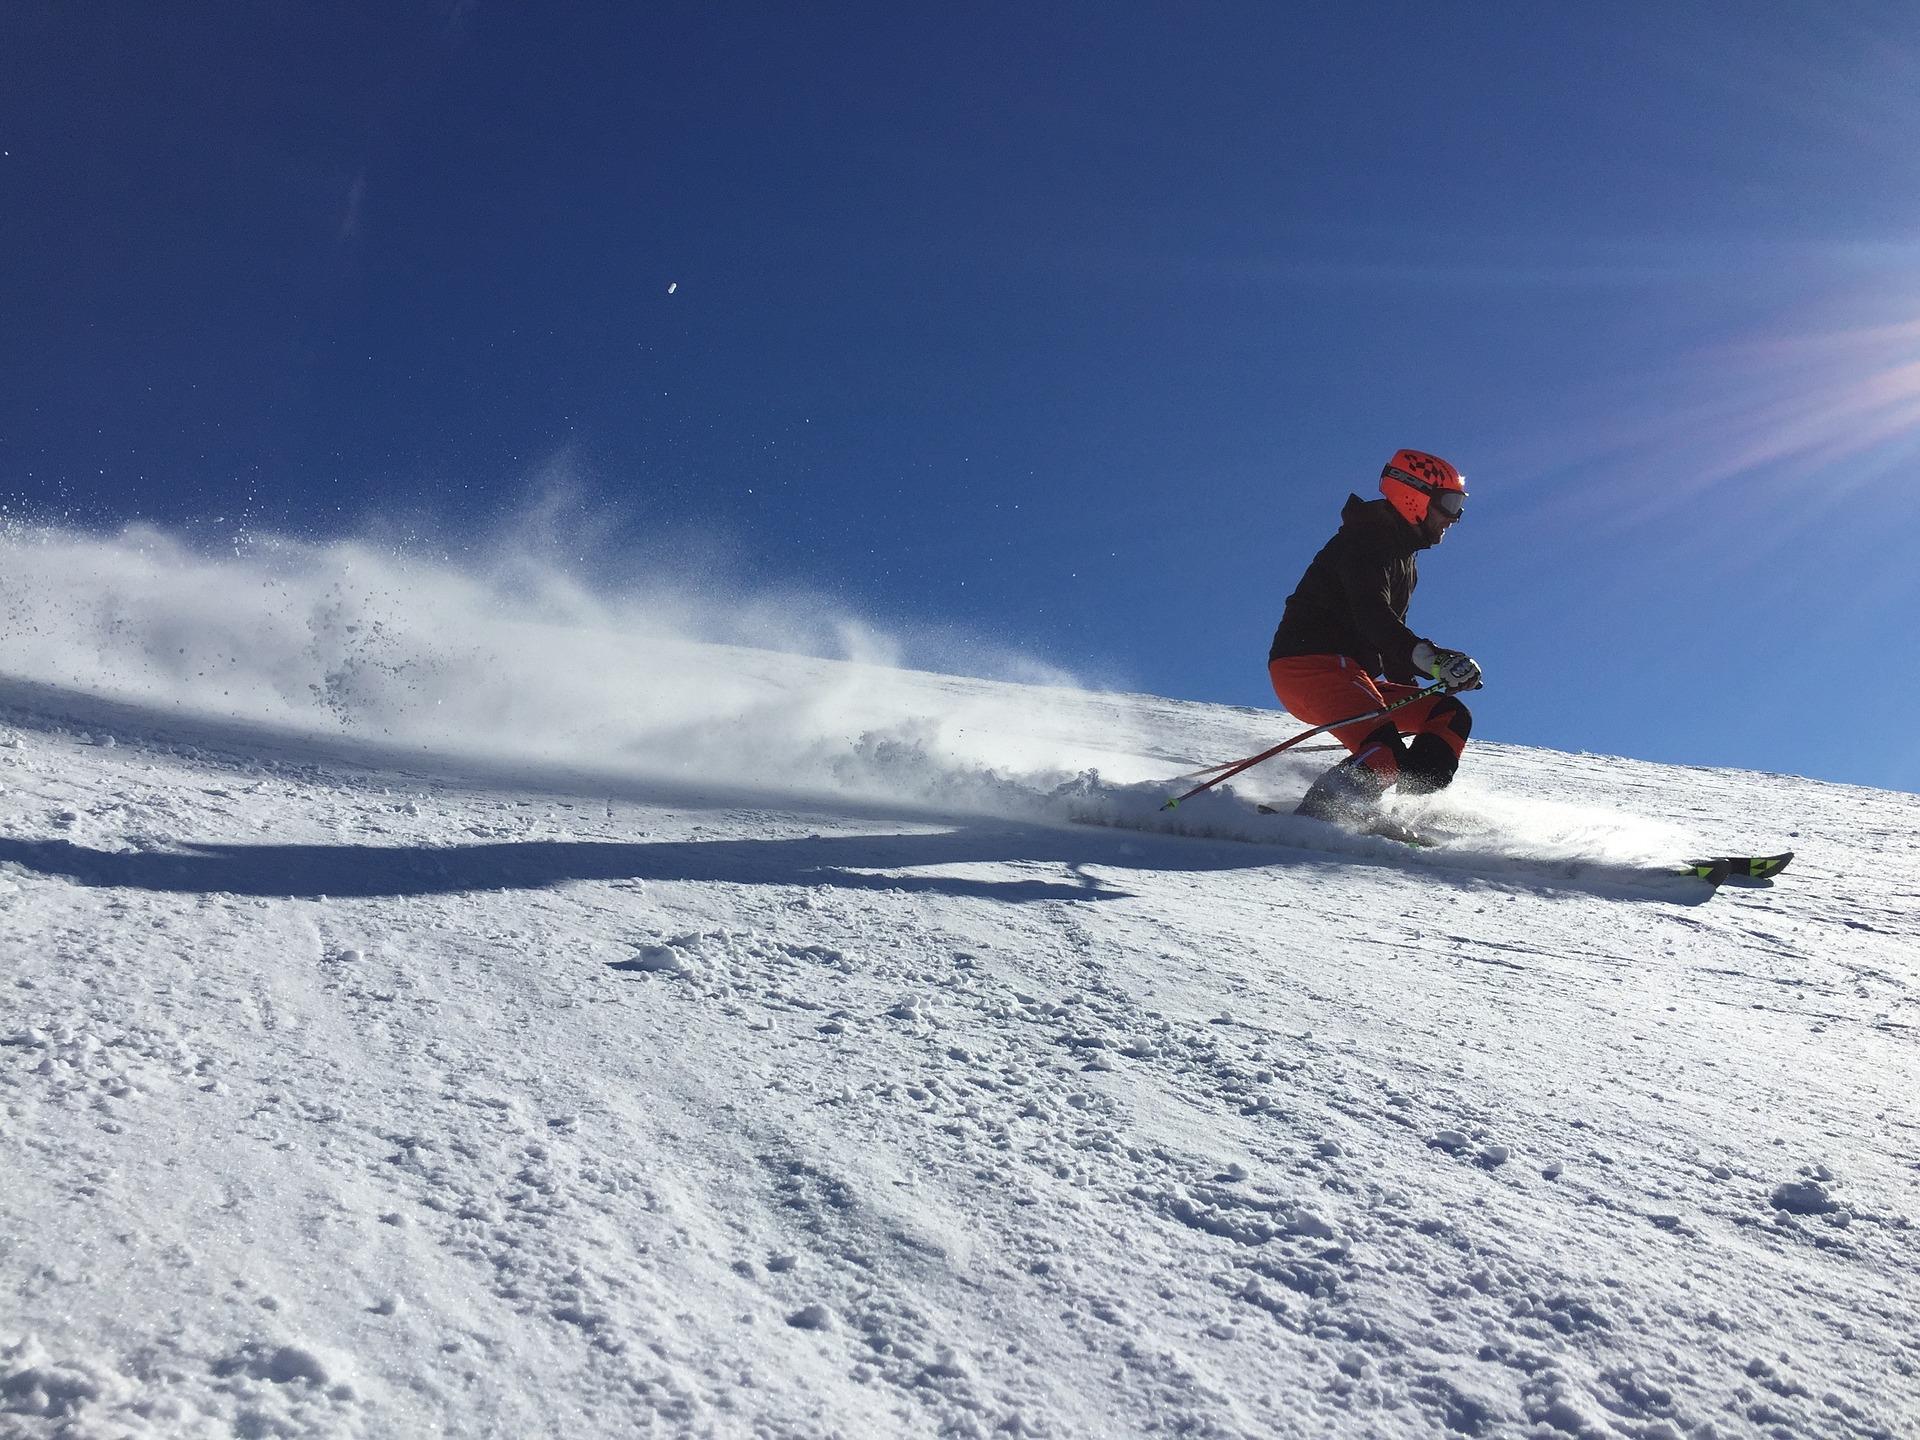 ski-2005028_1920.jpg